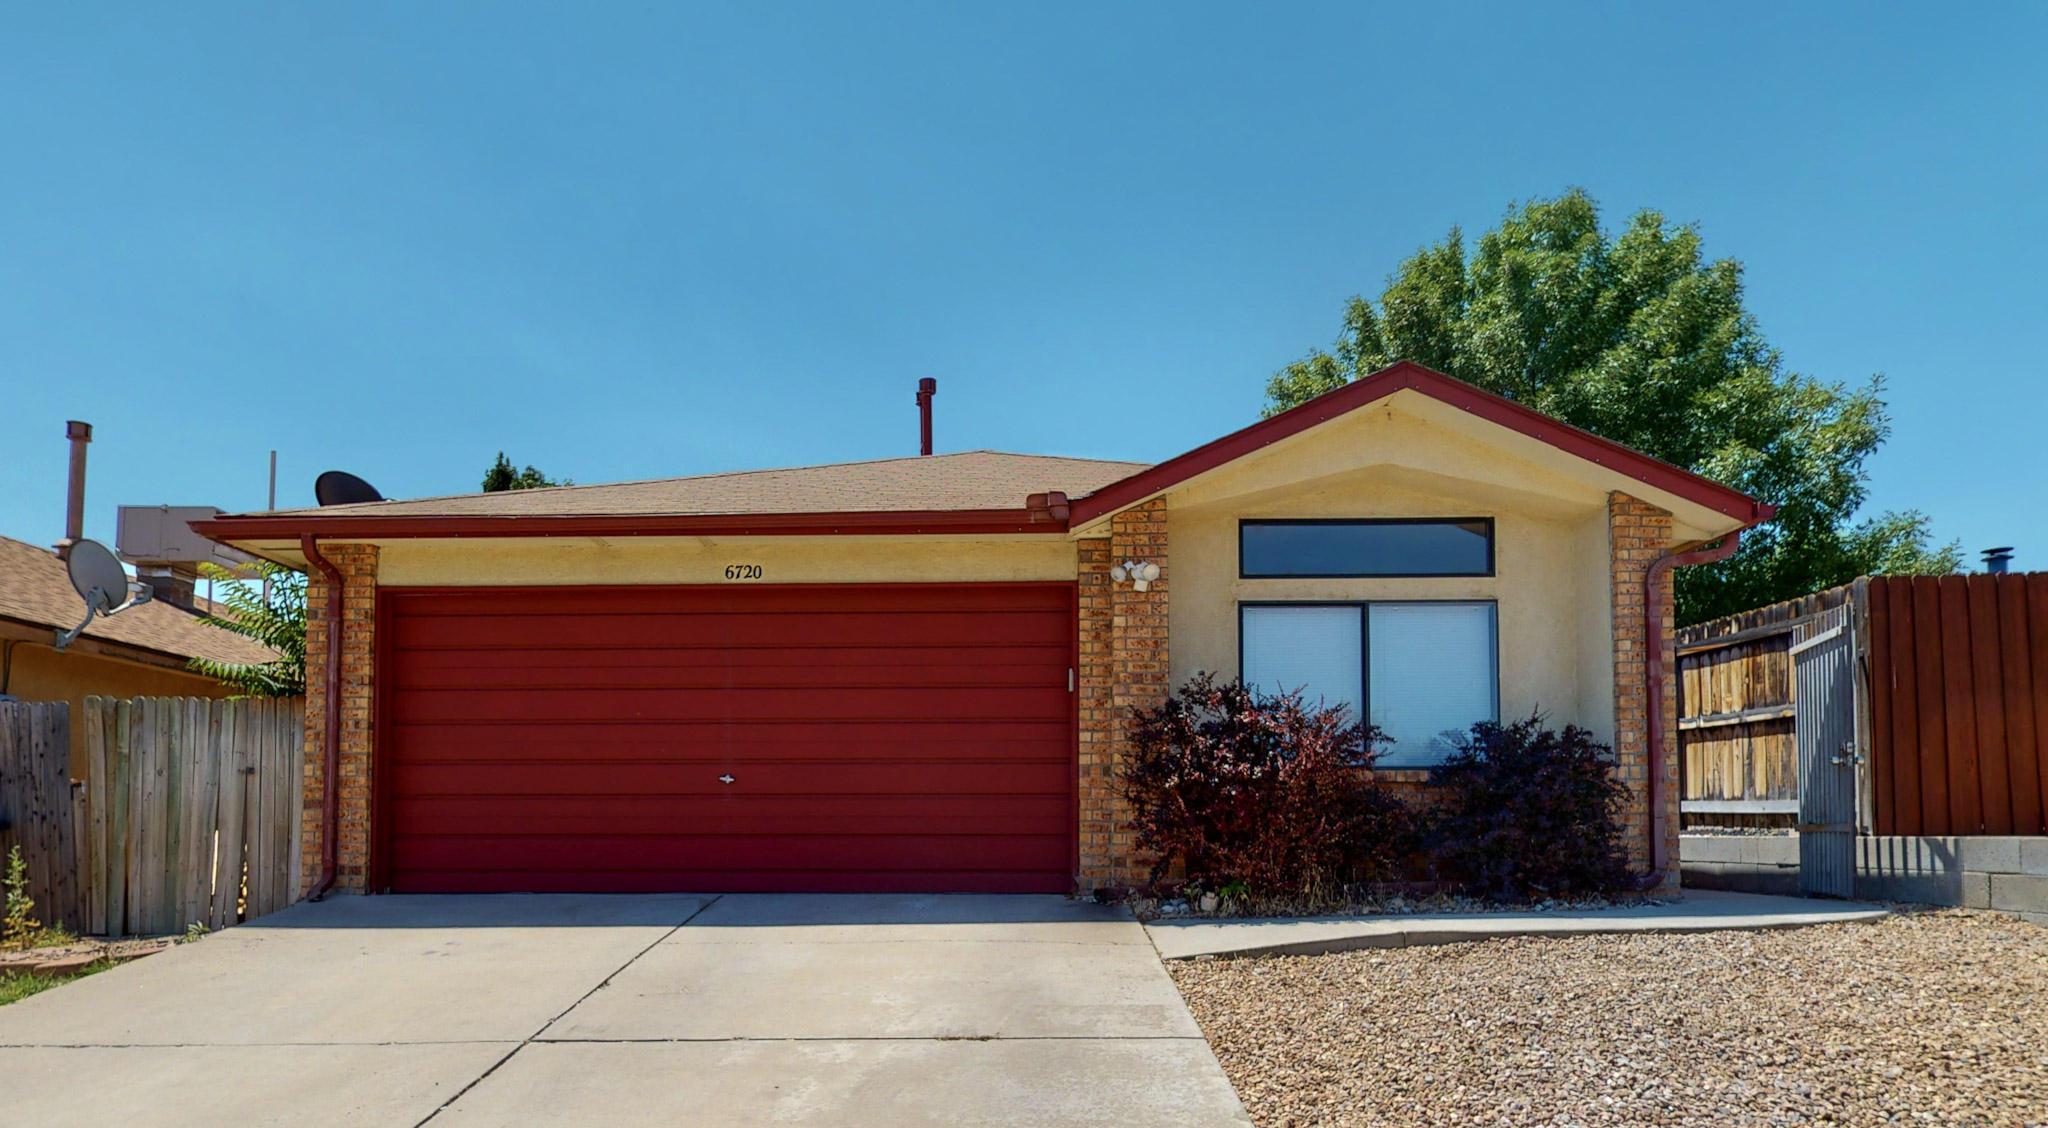 6720 AZUELO Avenue, Albuquerque NM 87120